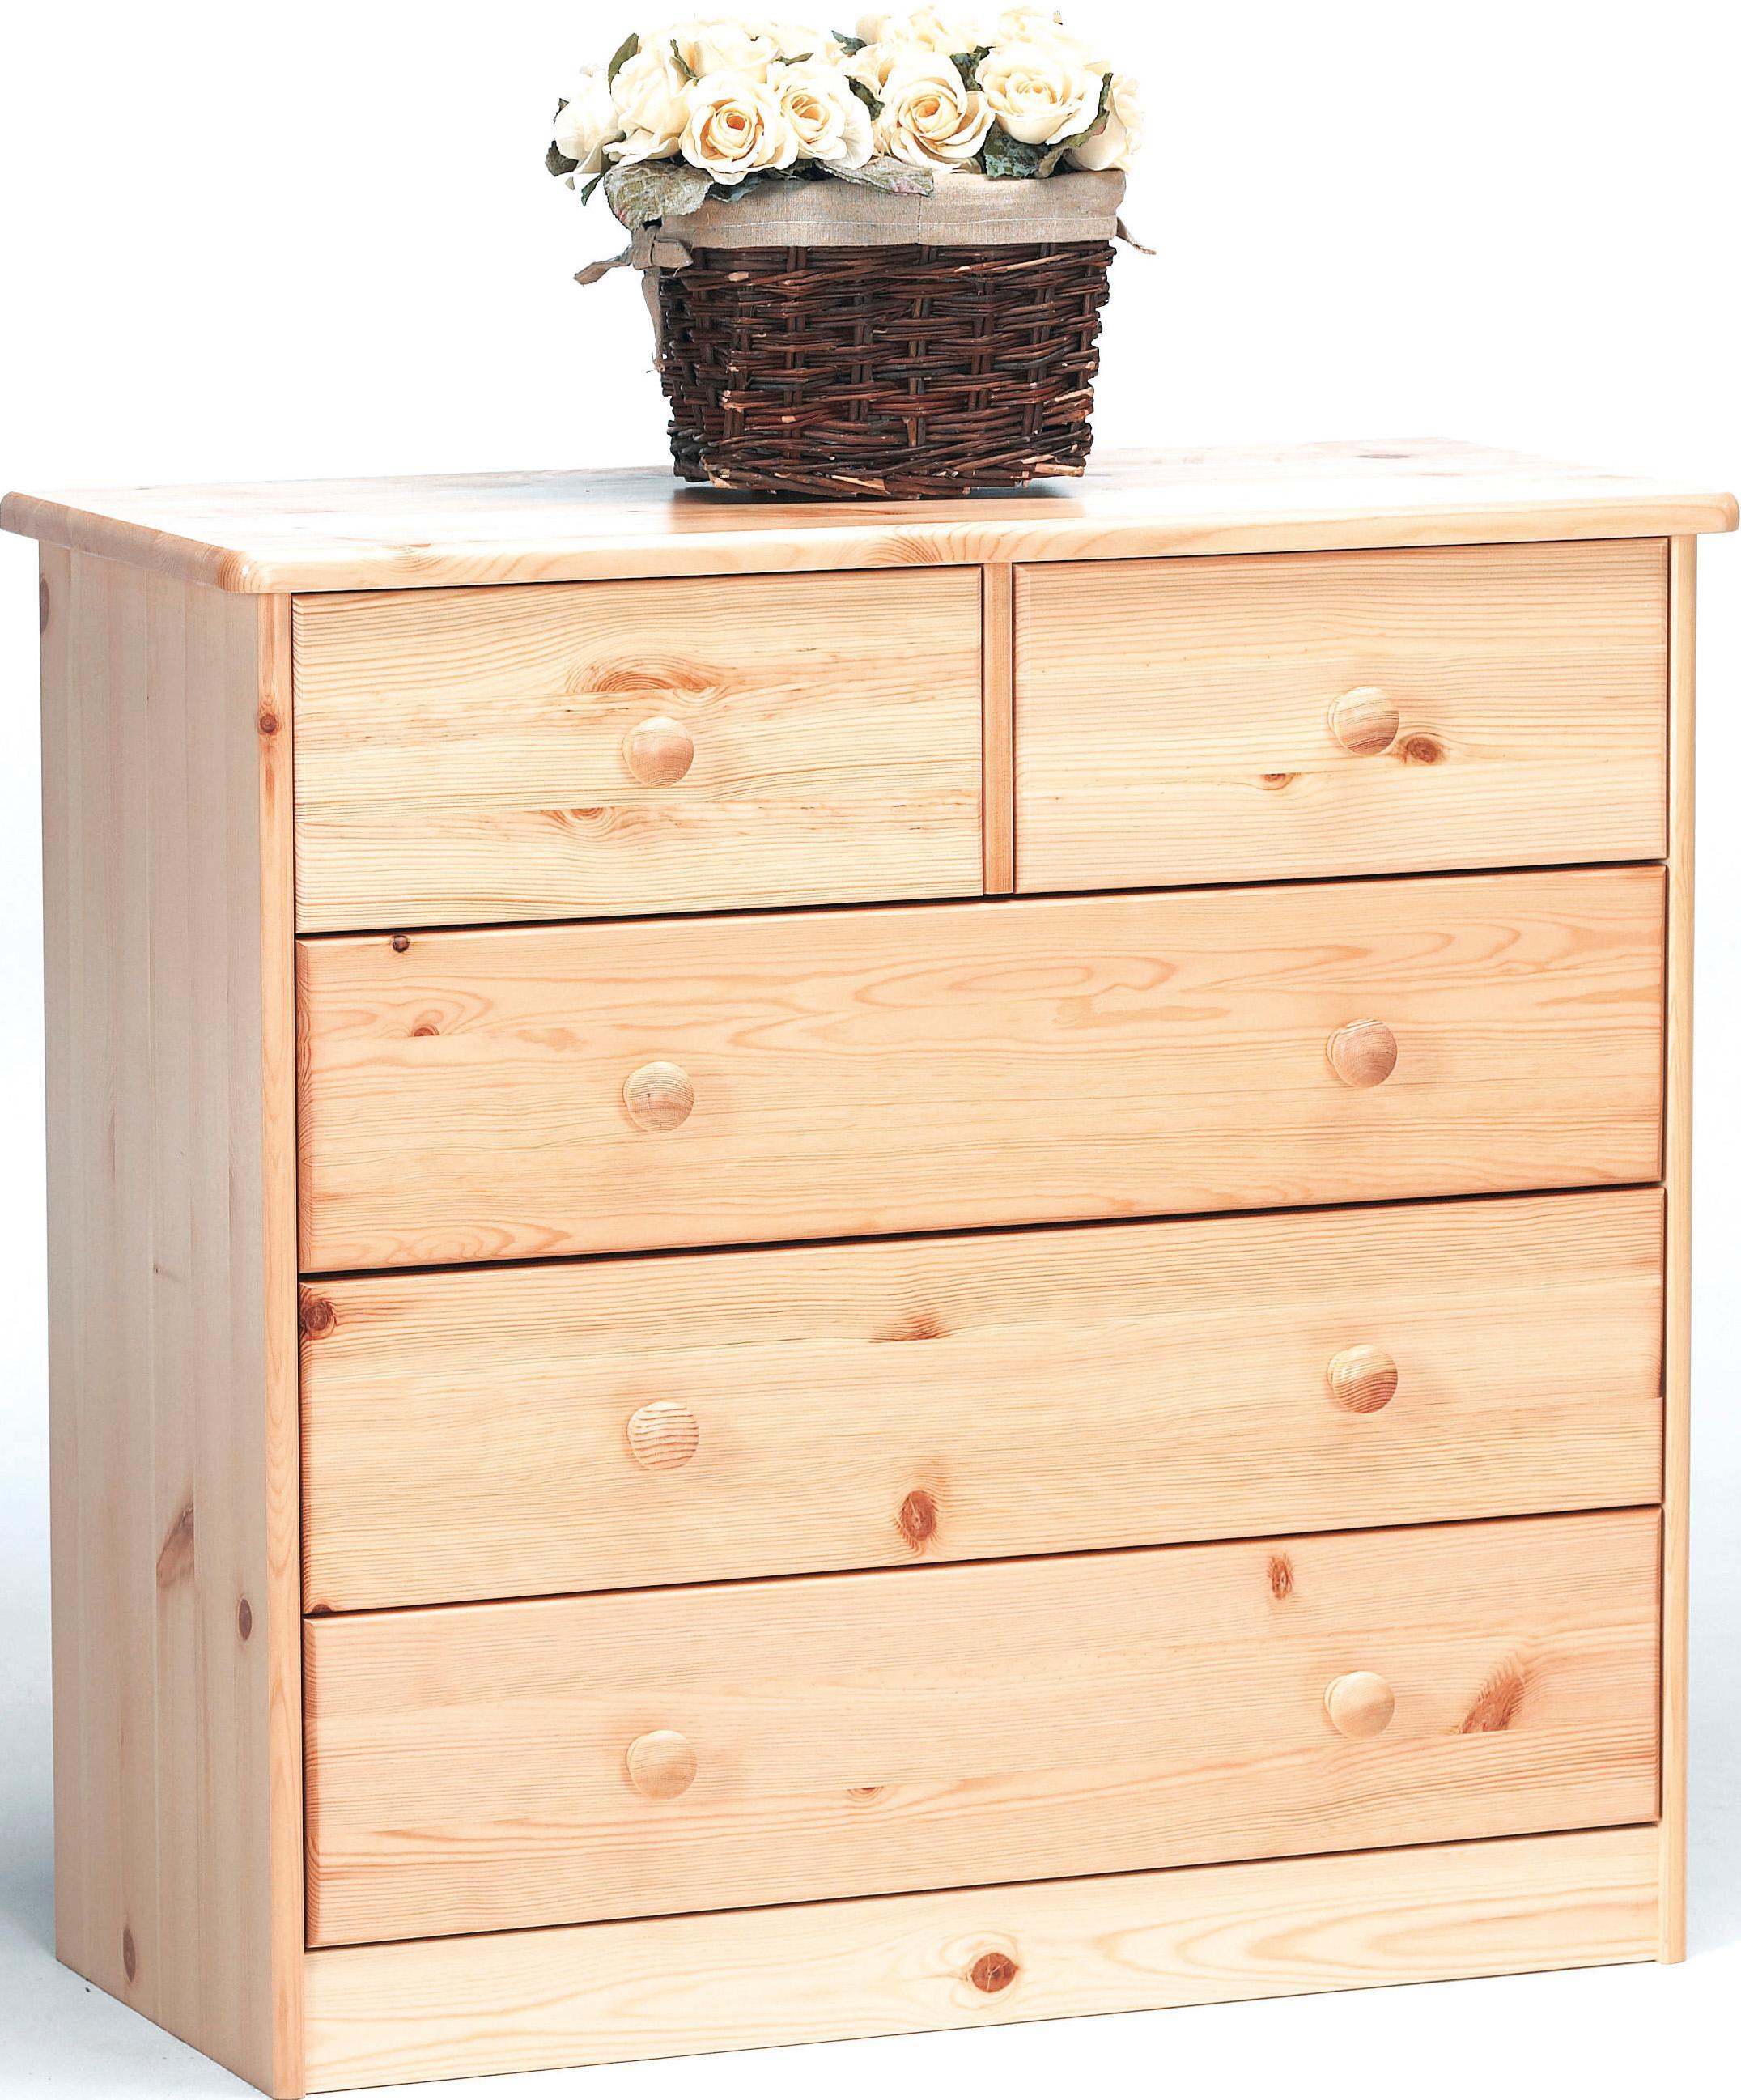 kommode sideboard anrichte kiefer natur 2 3. Black Bedroom Furniture Sets. Home Design Ideas